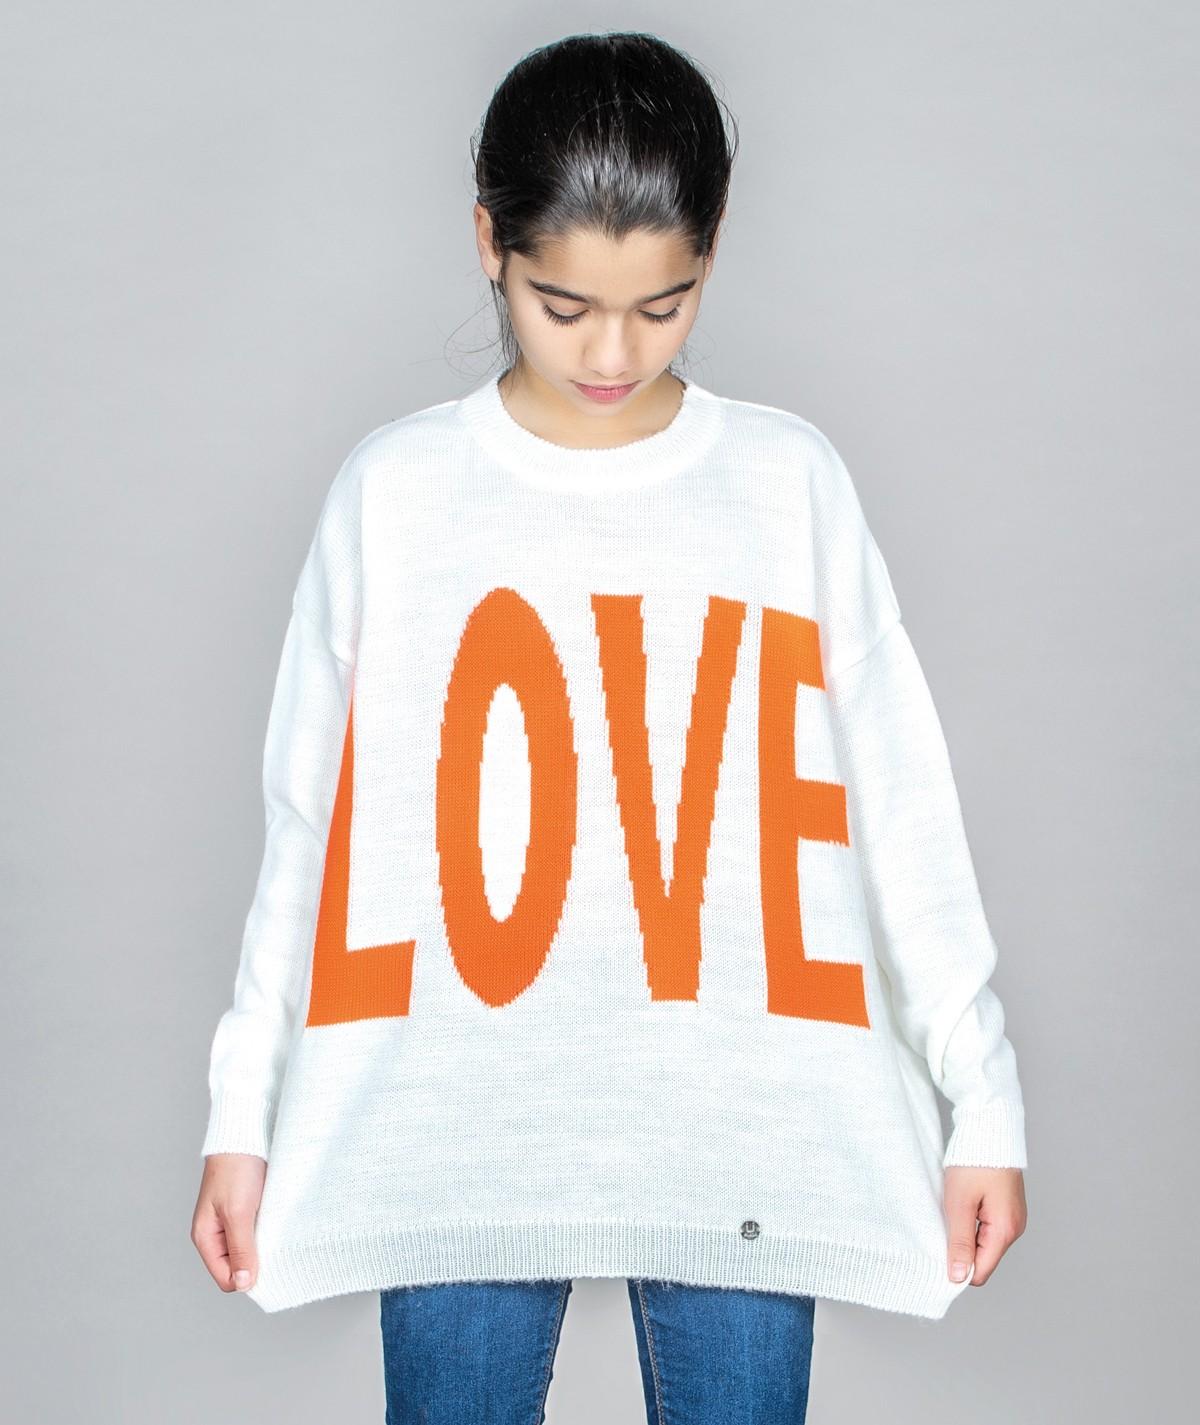 Camisola Love Neon